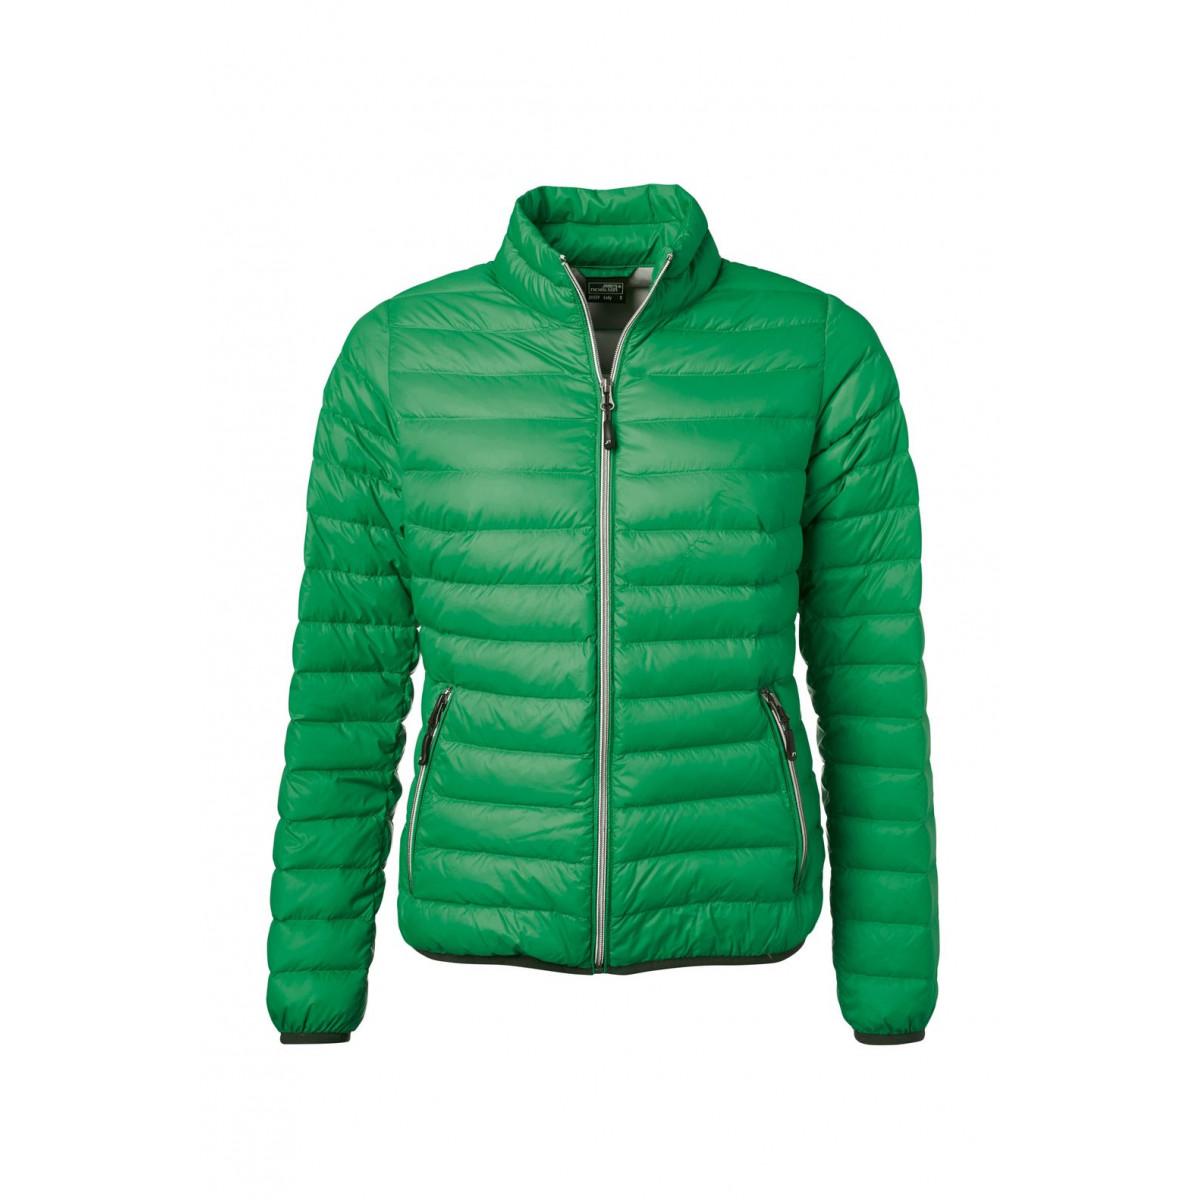 Куртка женская JN1139 Ladies Down Jacket - Насыщенный зеленый/Серебряный